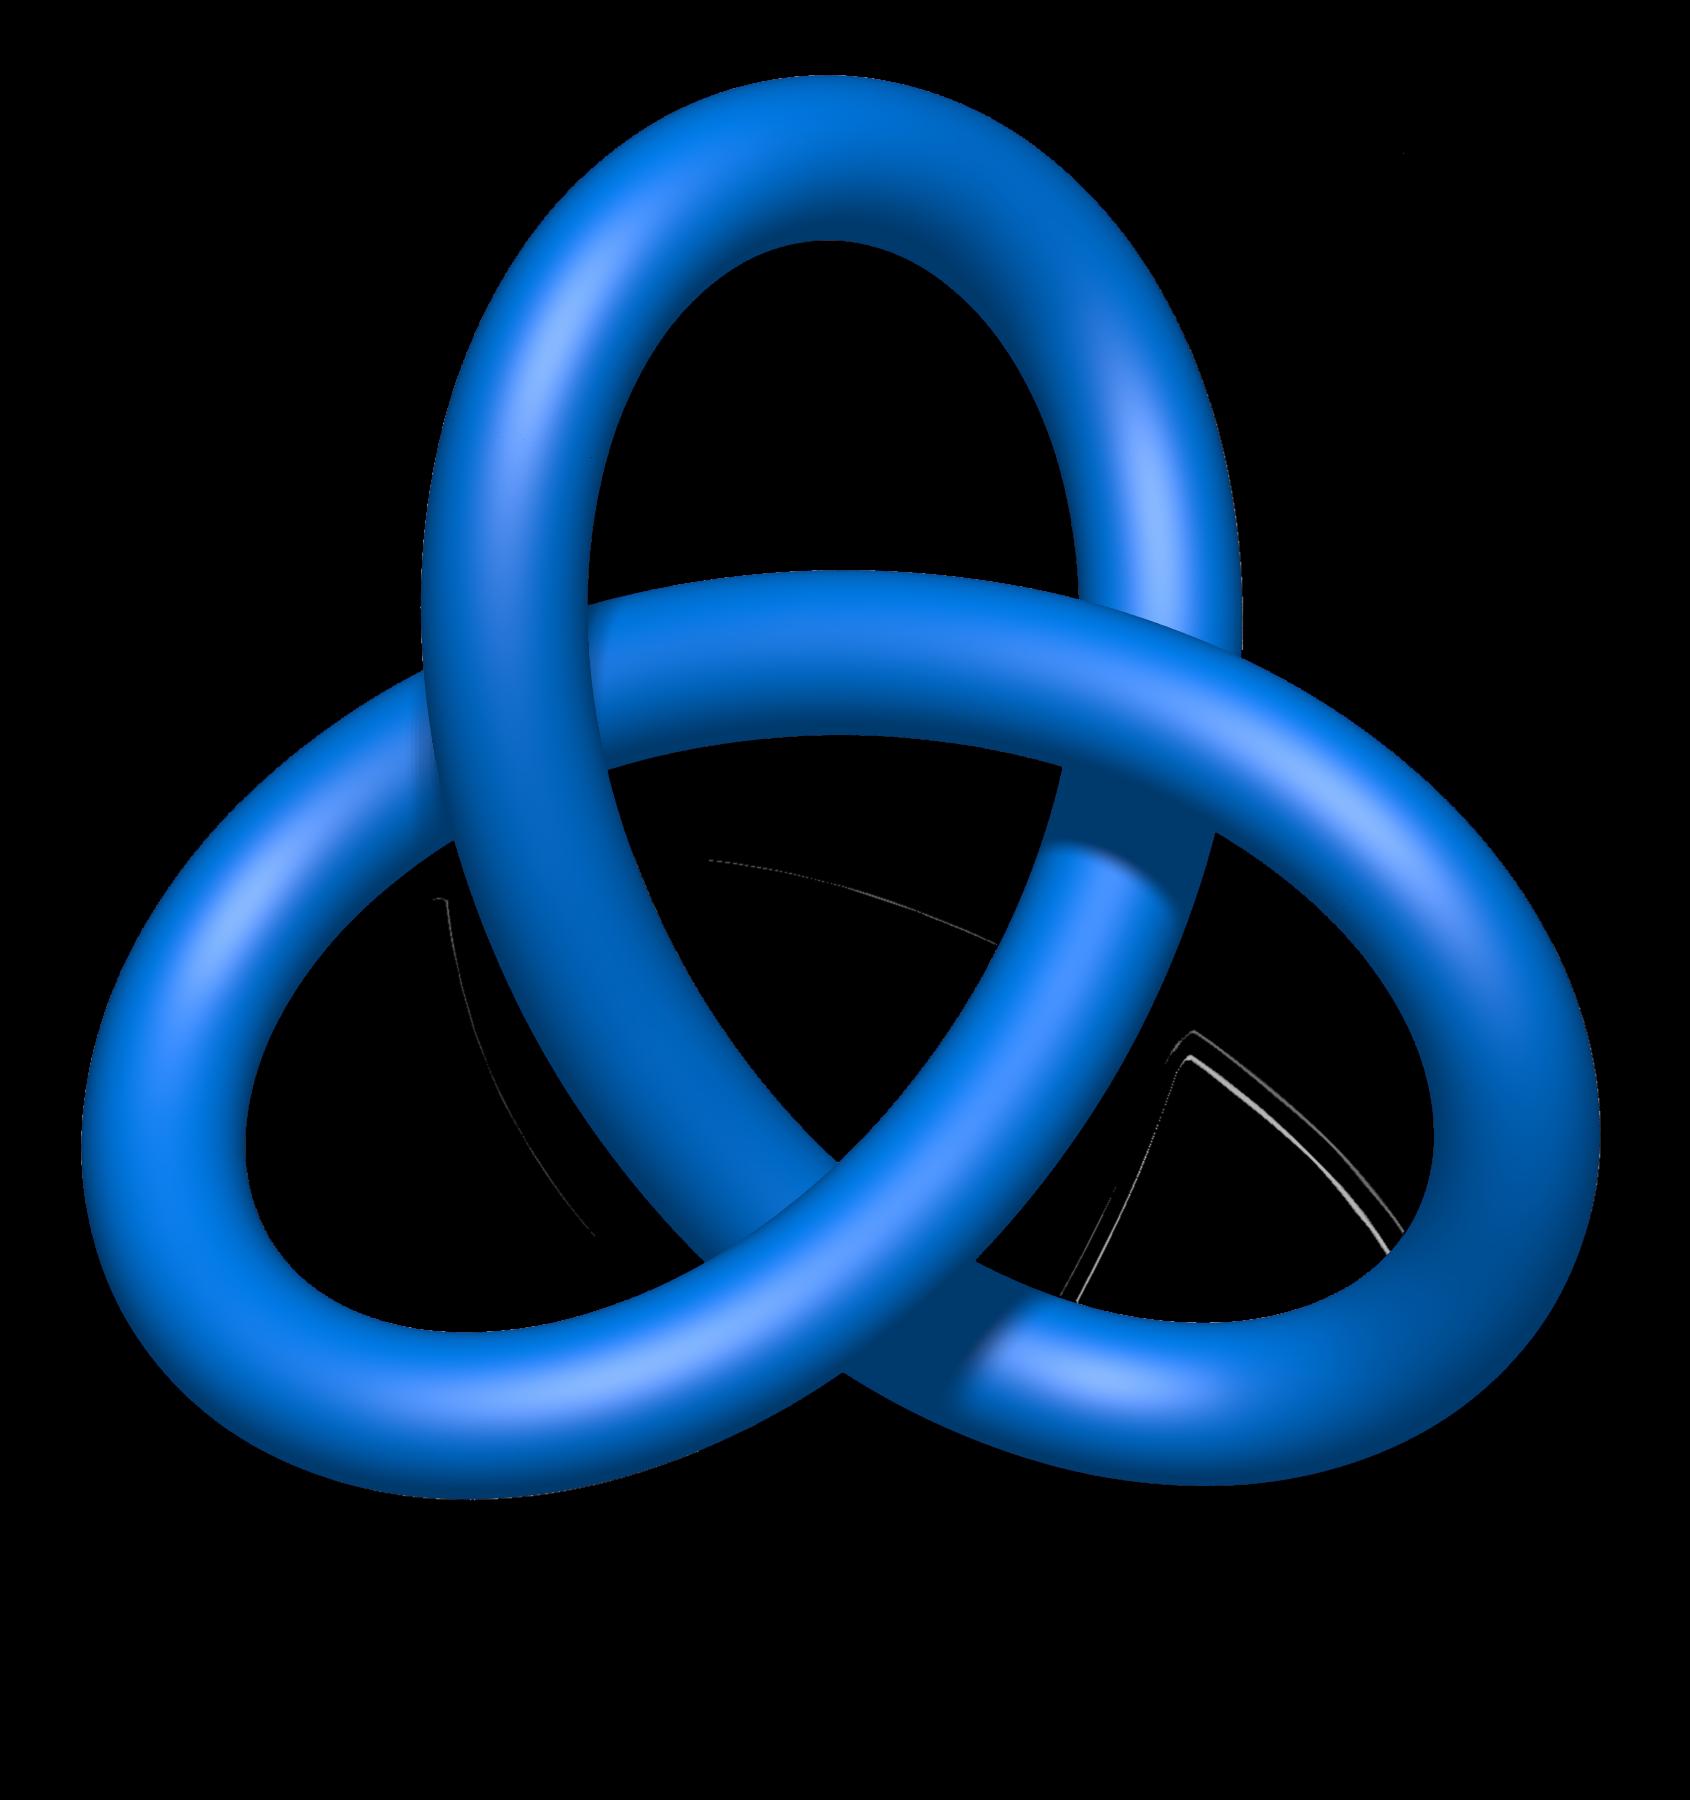 File:Blue Trefoil Knot.png.